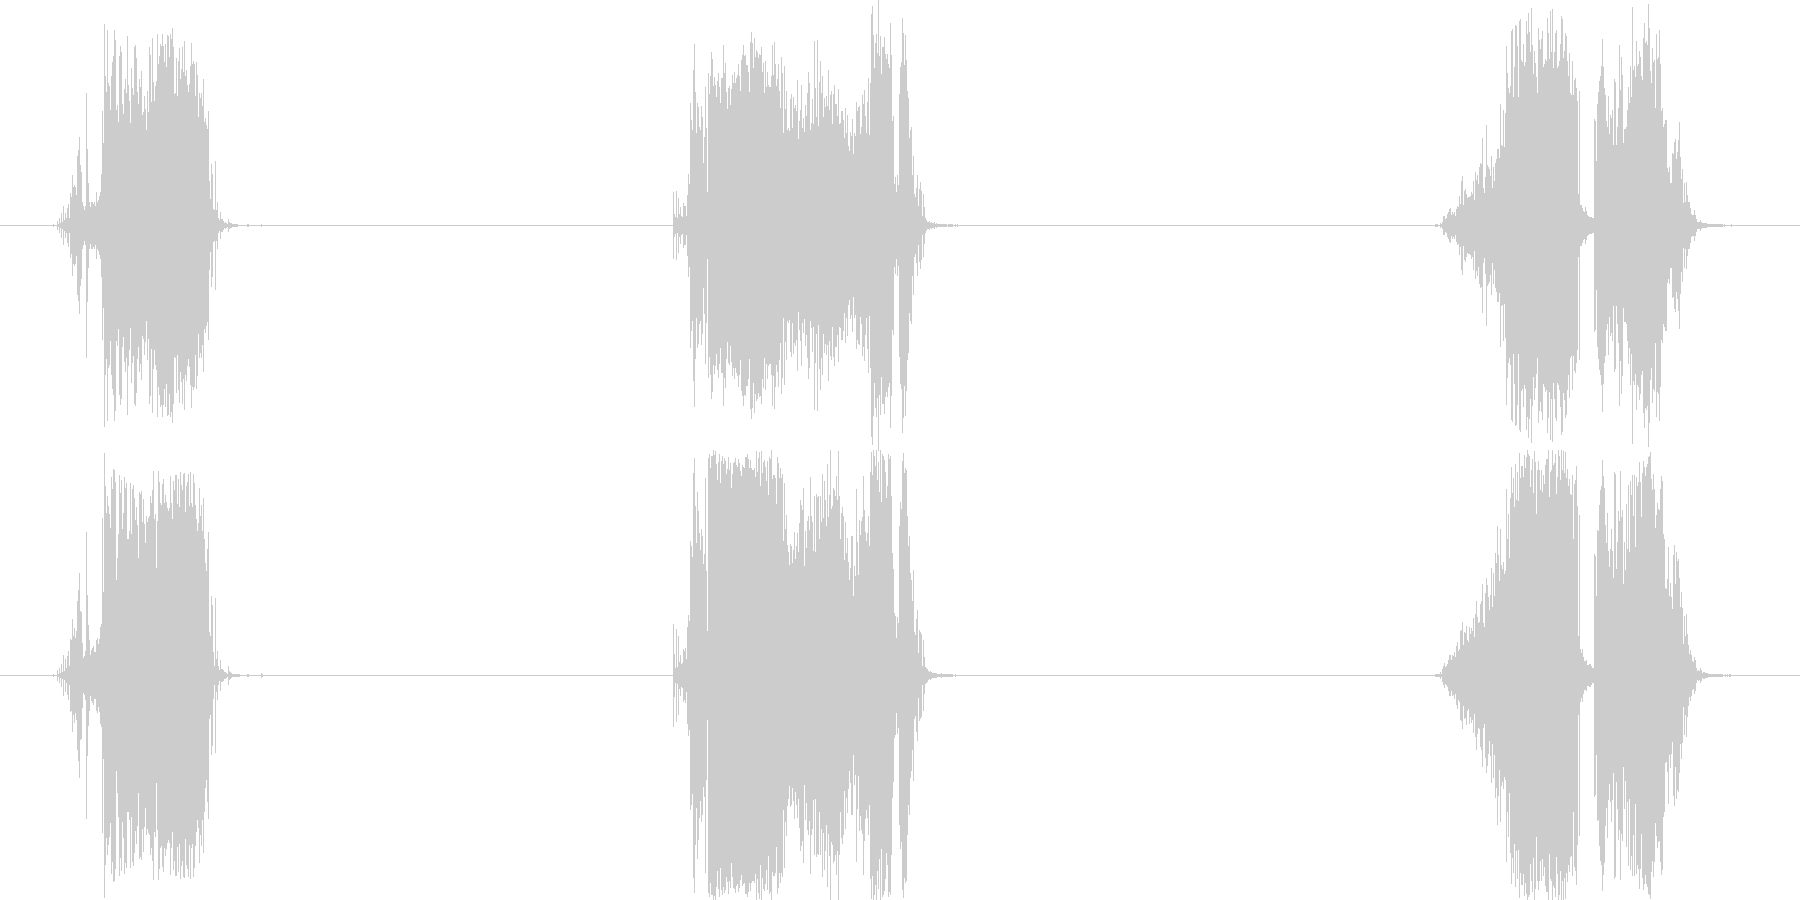 トランジション 擦れる音 09 の未再生の波形